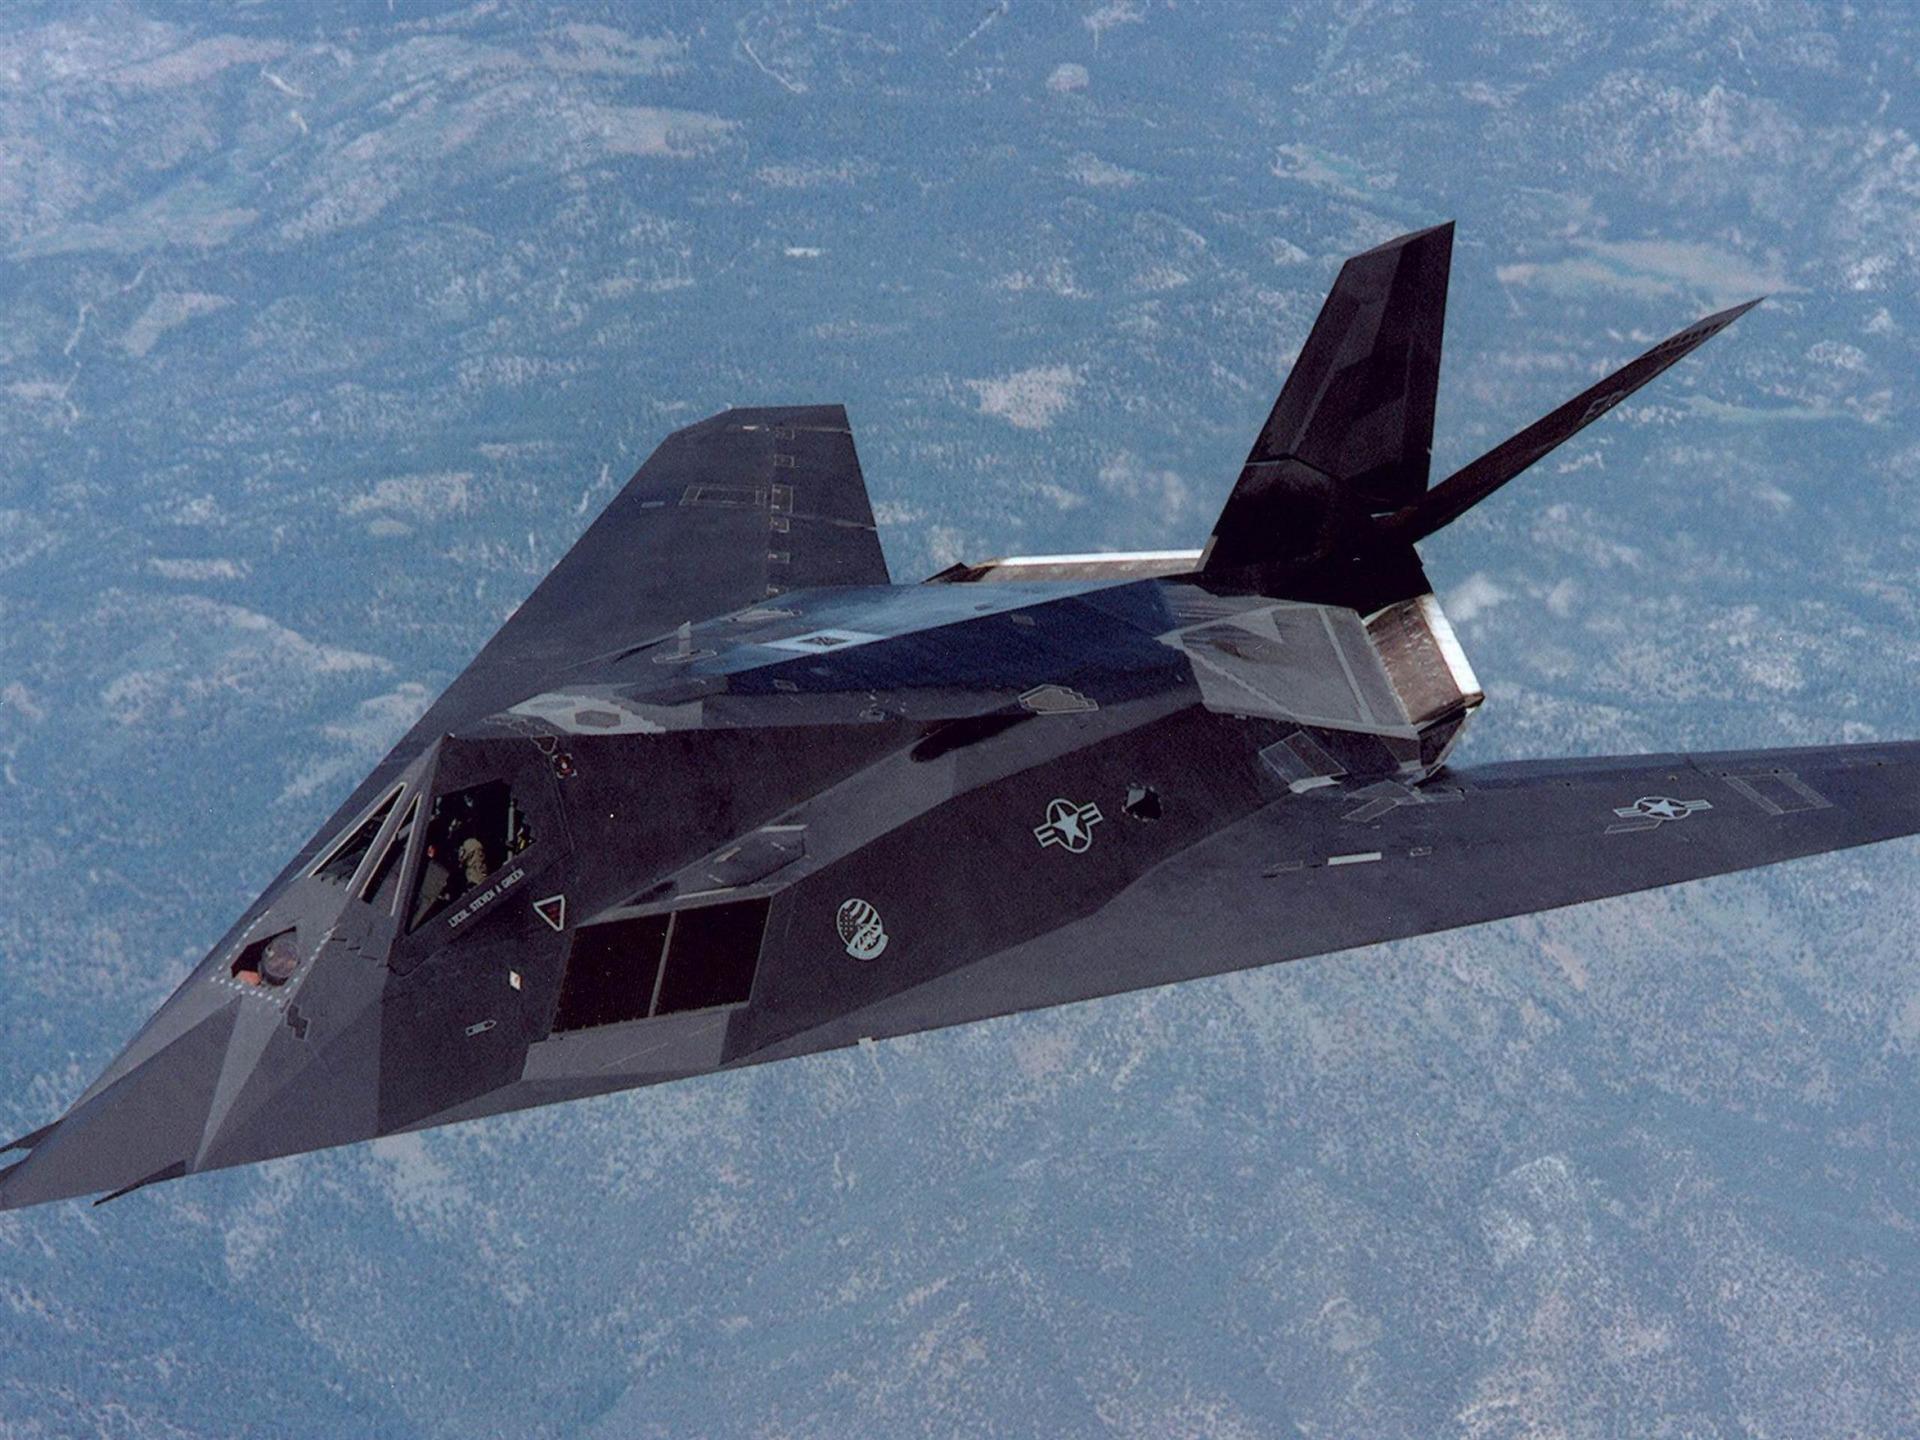 F 117 (航空機)の画像 p1_35